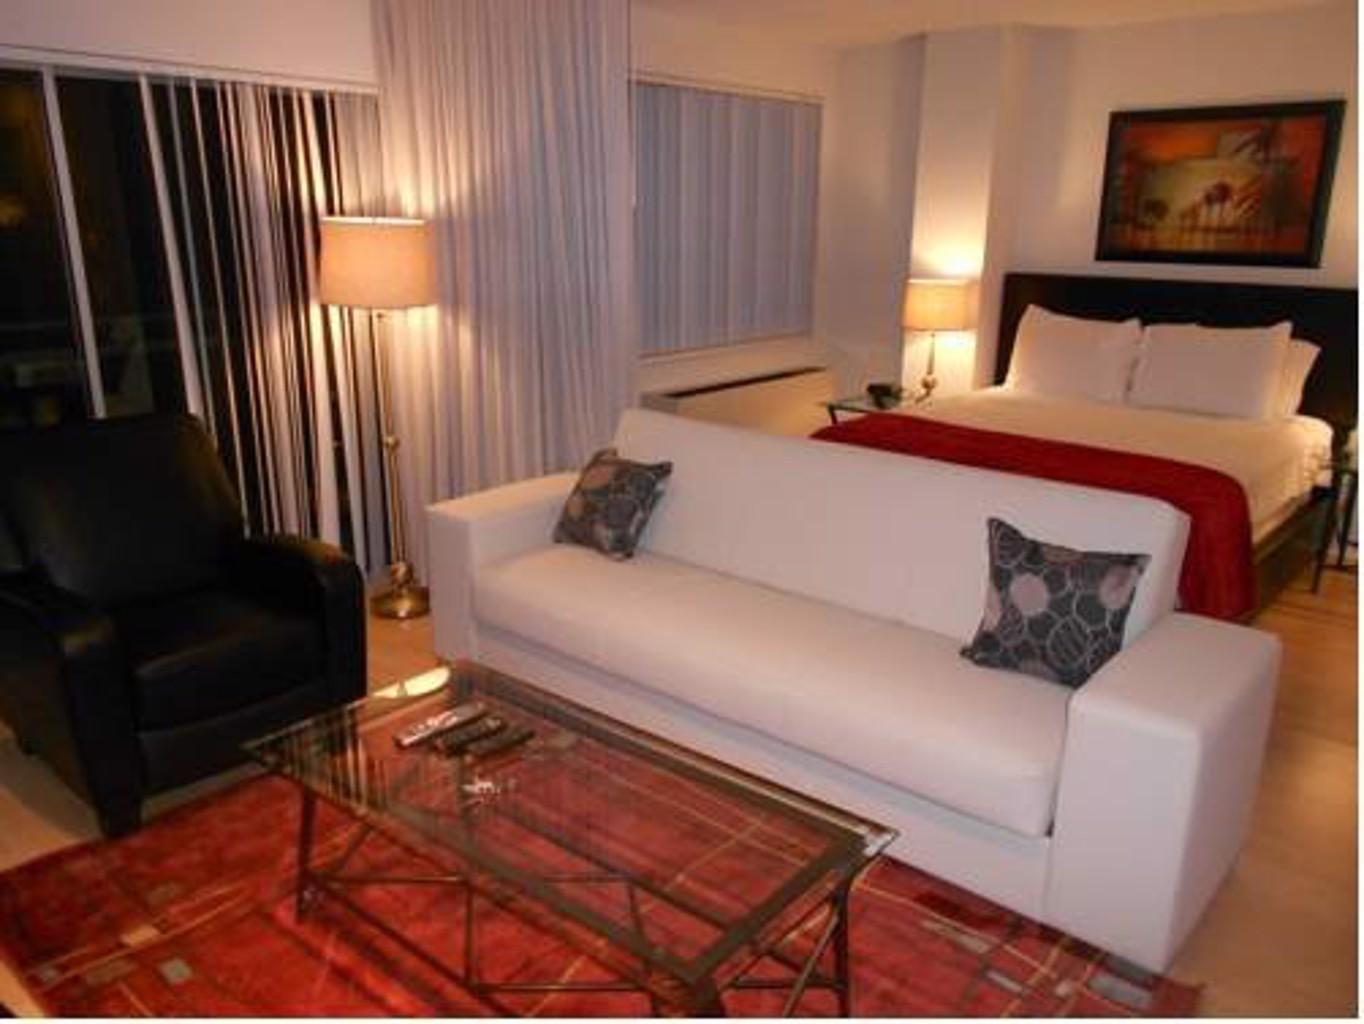 The Flats at Dupont Circle Apartments